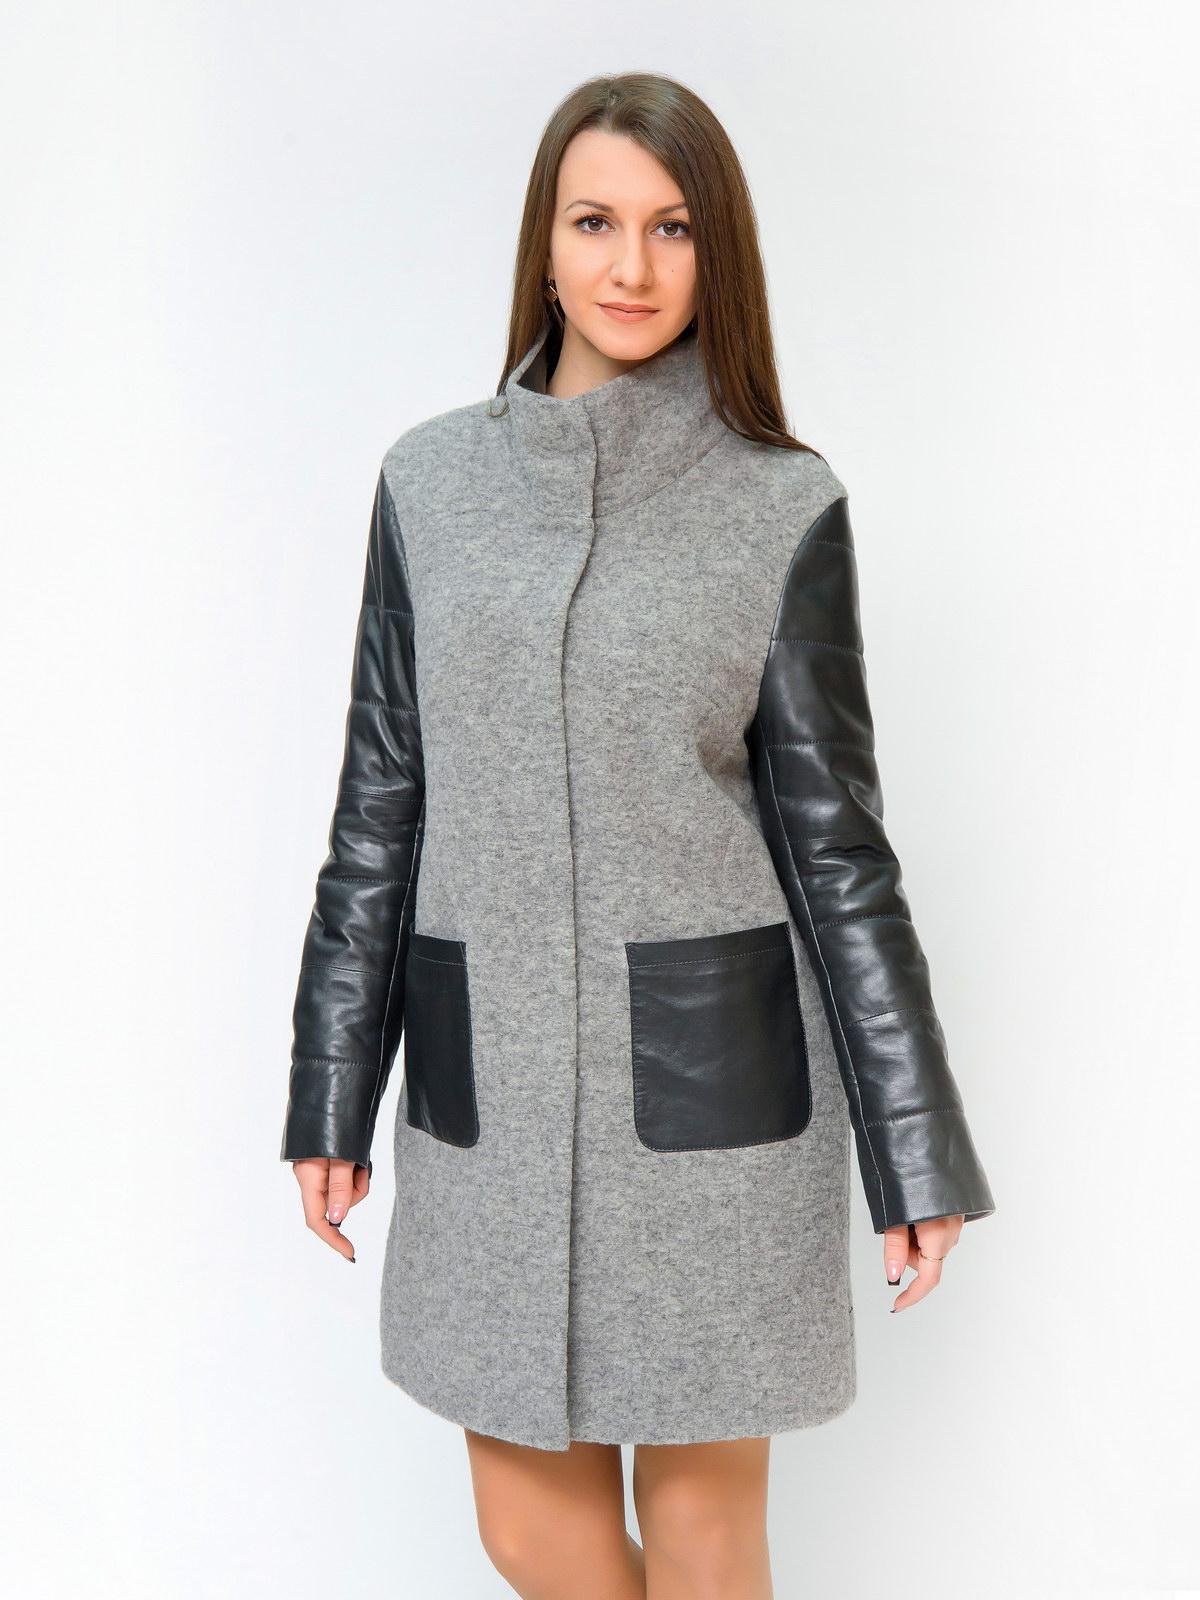 Женское пальто с воротником, без отделкиЦвет - серый меланж.<br><br>Пальто с кожаными рукавами - абсолютный хит сезона. Сочетание шерсти и натуральной кожи - великолепная дизайнерская находка. Во-первых, это очень функционально. Представьте, когда идет дождь и Вы держите зонт, рукав обязательно намокнет. Благодаря вставкам из натуральной кожи, с непогодой станет еще проще бороться. Во-вторых, тандем двух материалов - шерсти и натуральной кожи создает очень правильную геометрию пальто. Благодаря чему, фигура кажется более вытянутой. Глухой воротник-стойка также с отделкой из натуральной кожи. Застежка пальто выполнена на кнопки. Завершают дизайн пальто крупные накладные карманы, которые выполняют роль функционального акцента.<br><br>Вид застежки: центральная<br>Длина см: Длинная (свыше 90)<br>Застежка: на кнопки<br>Воротник: стойка<br>Материал: Шерсть<br>Цвет: серый<br>Пол: Женский<br>Размер RU: 44